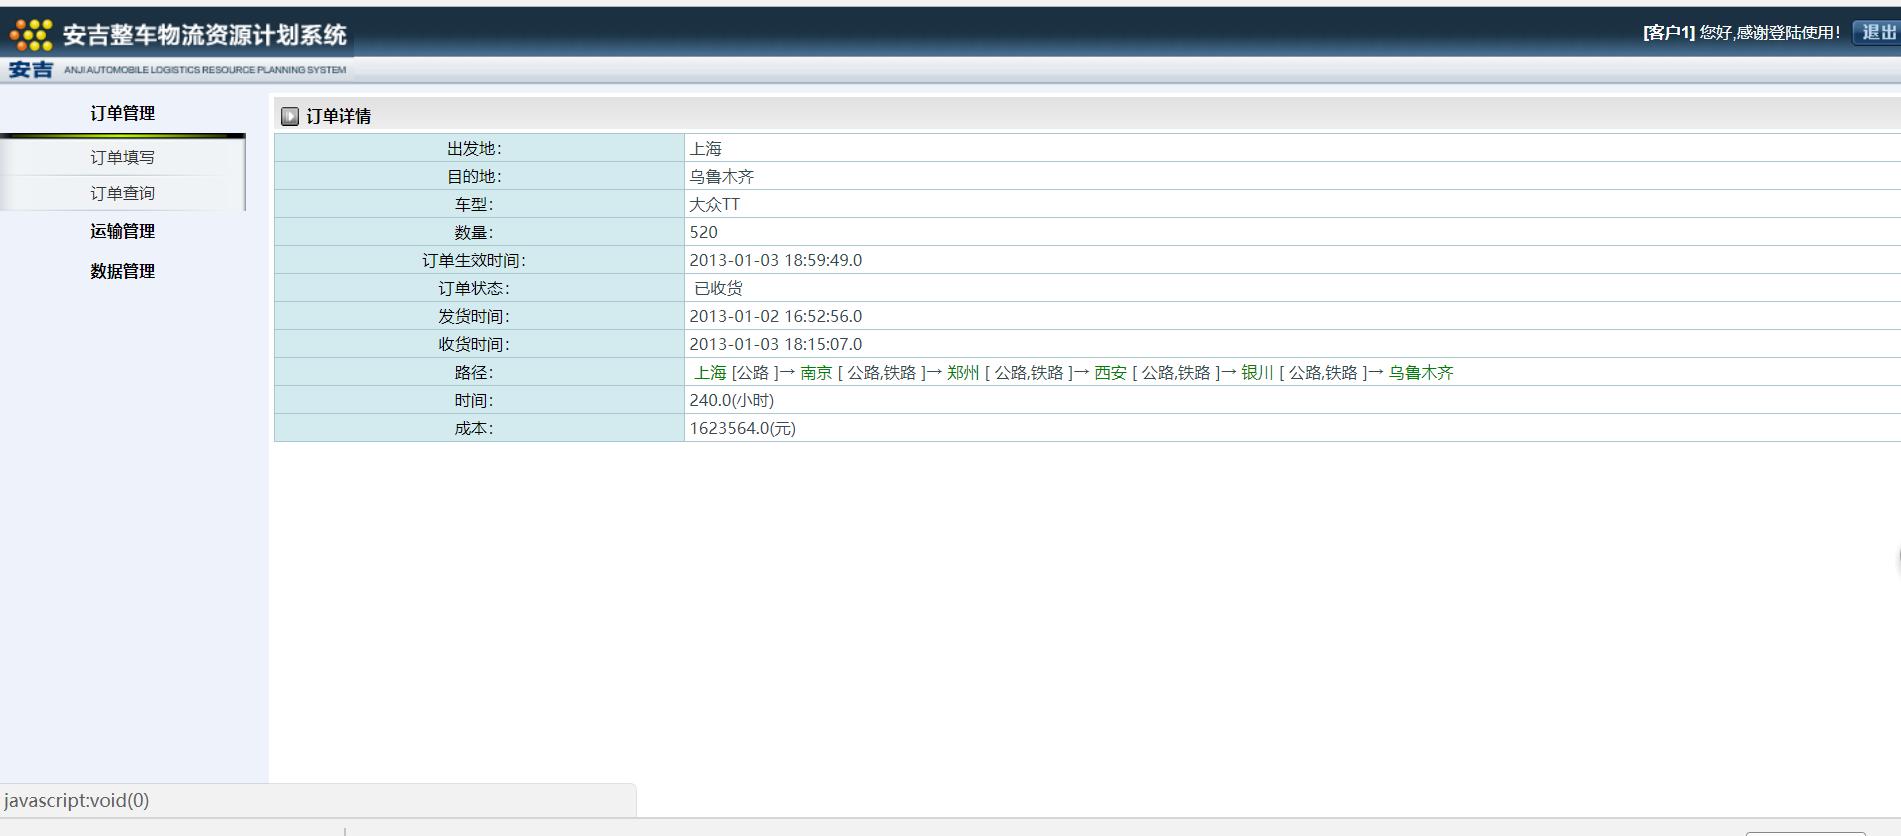 基于SSH物流资源管理系统